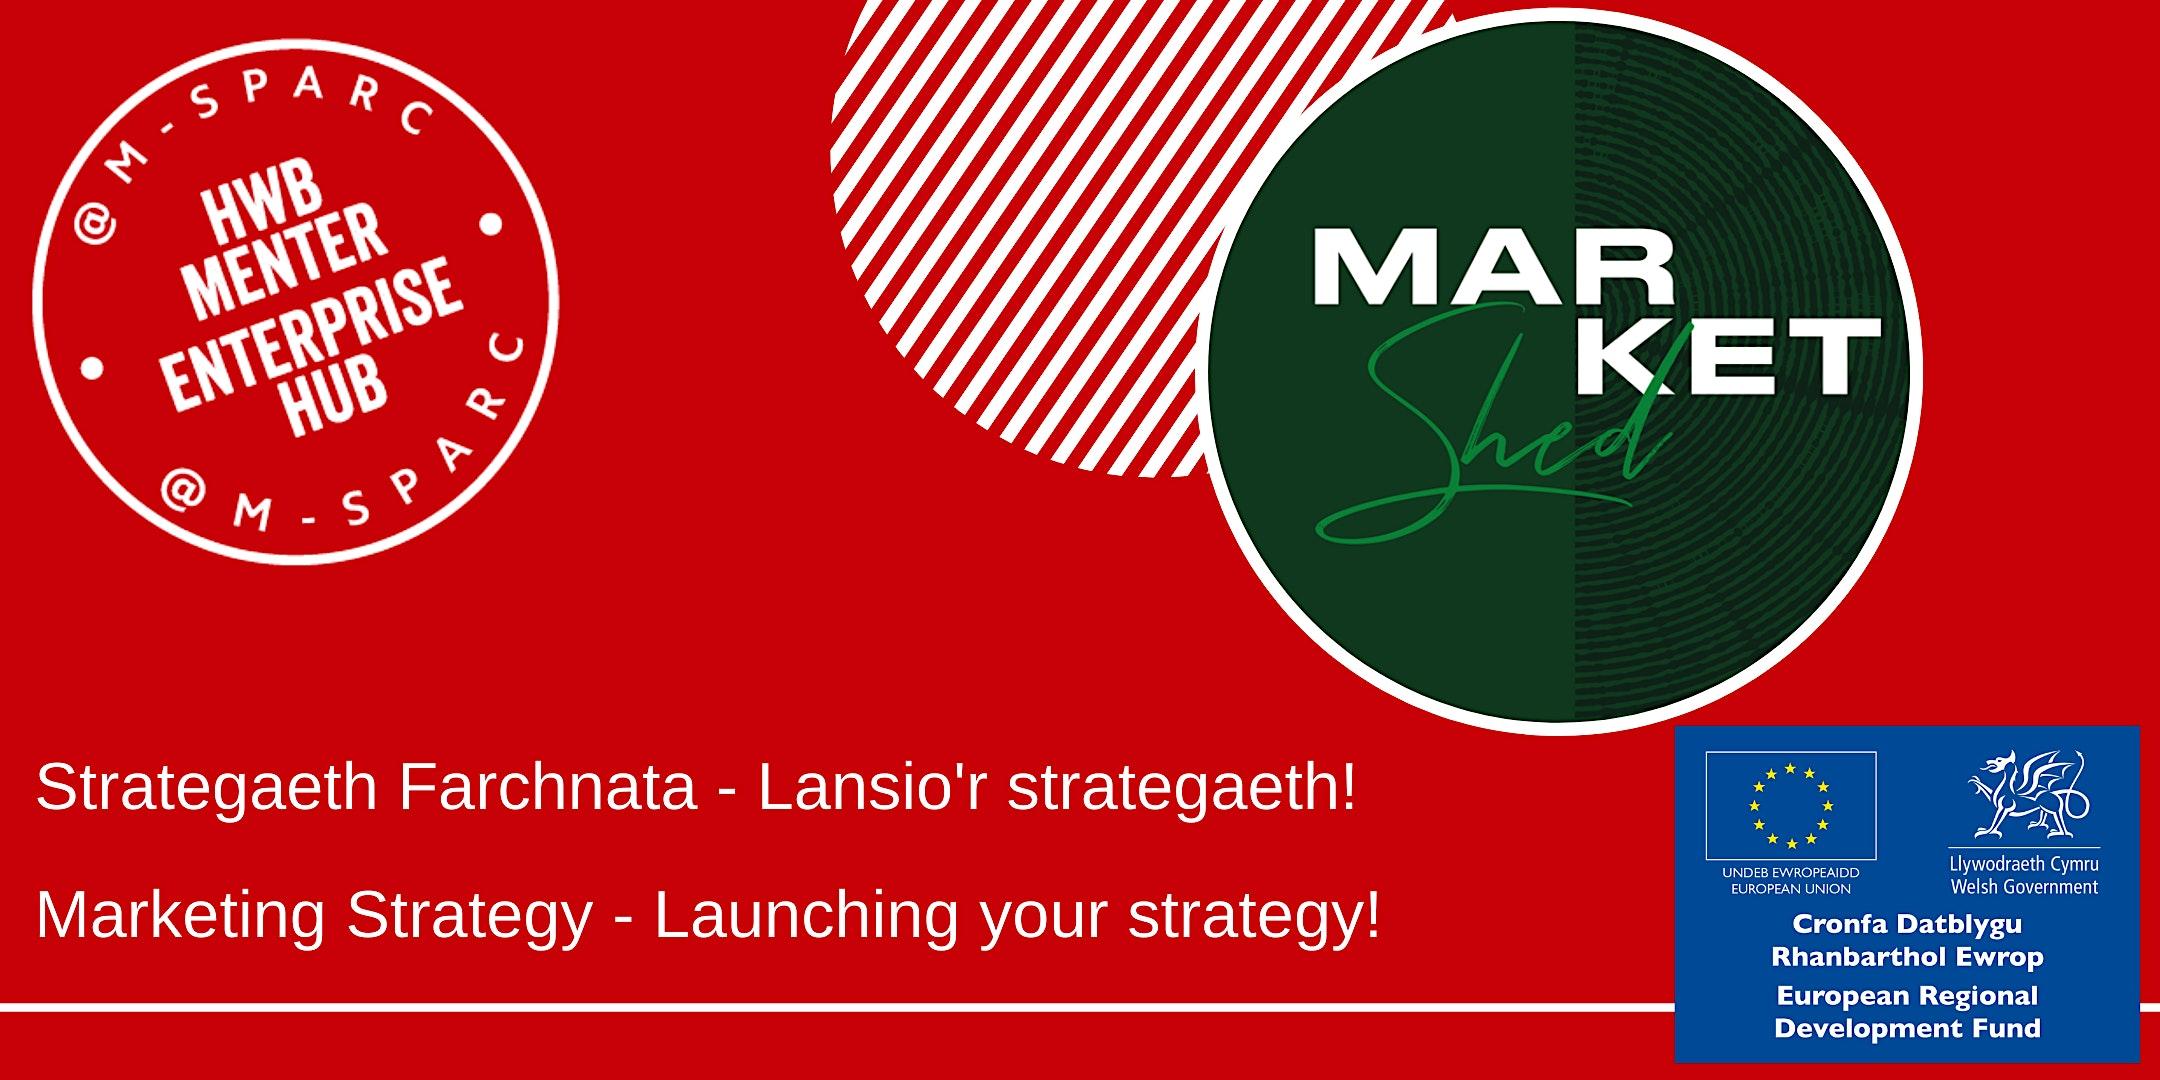 Adeiladu Strategaeth Farchnata 4 // Building a Marketing Strategy 4